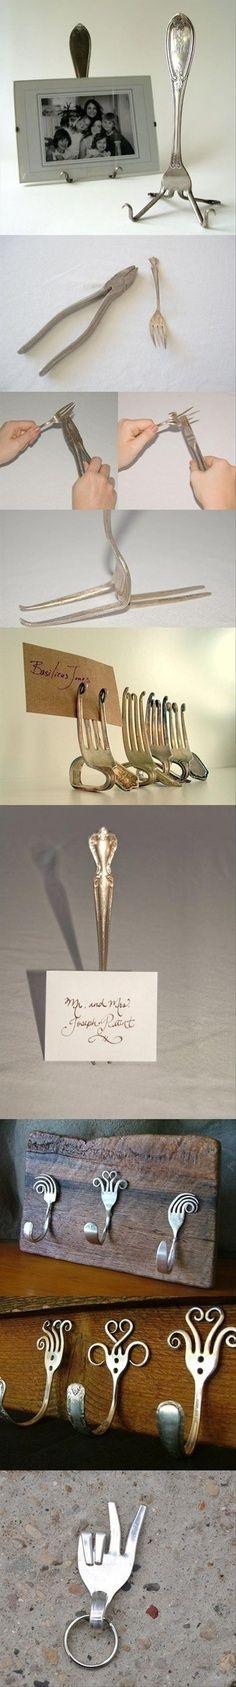 Reciclado de tenedores en objetos de diseño - Casas Ecológicas